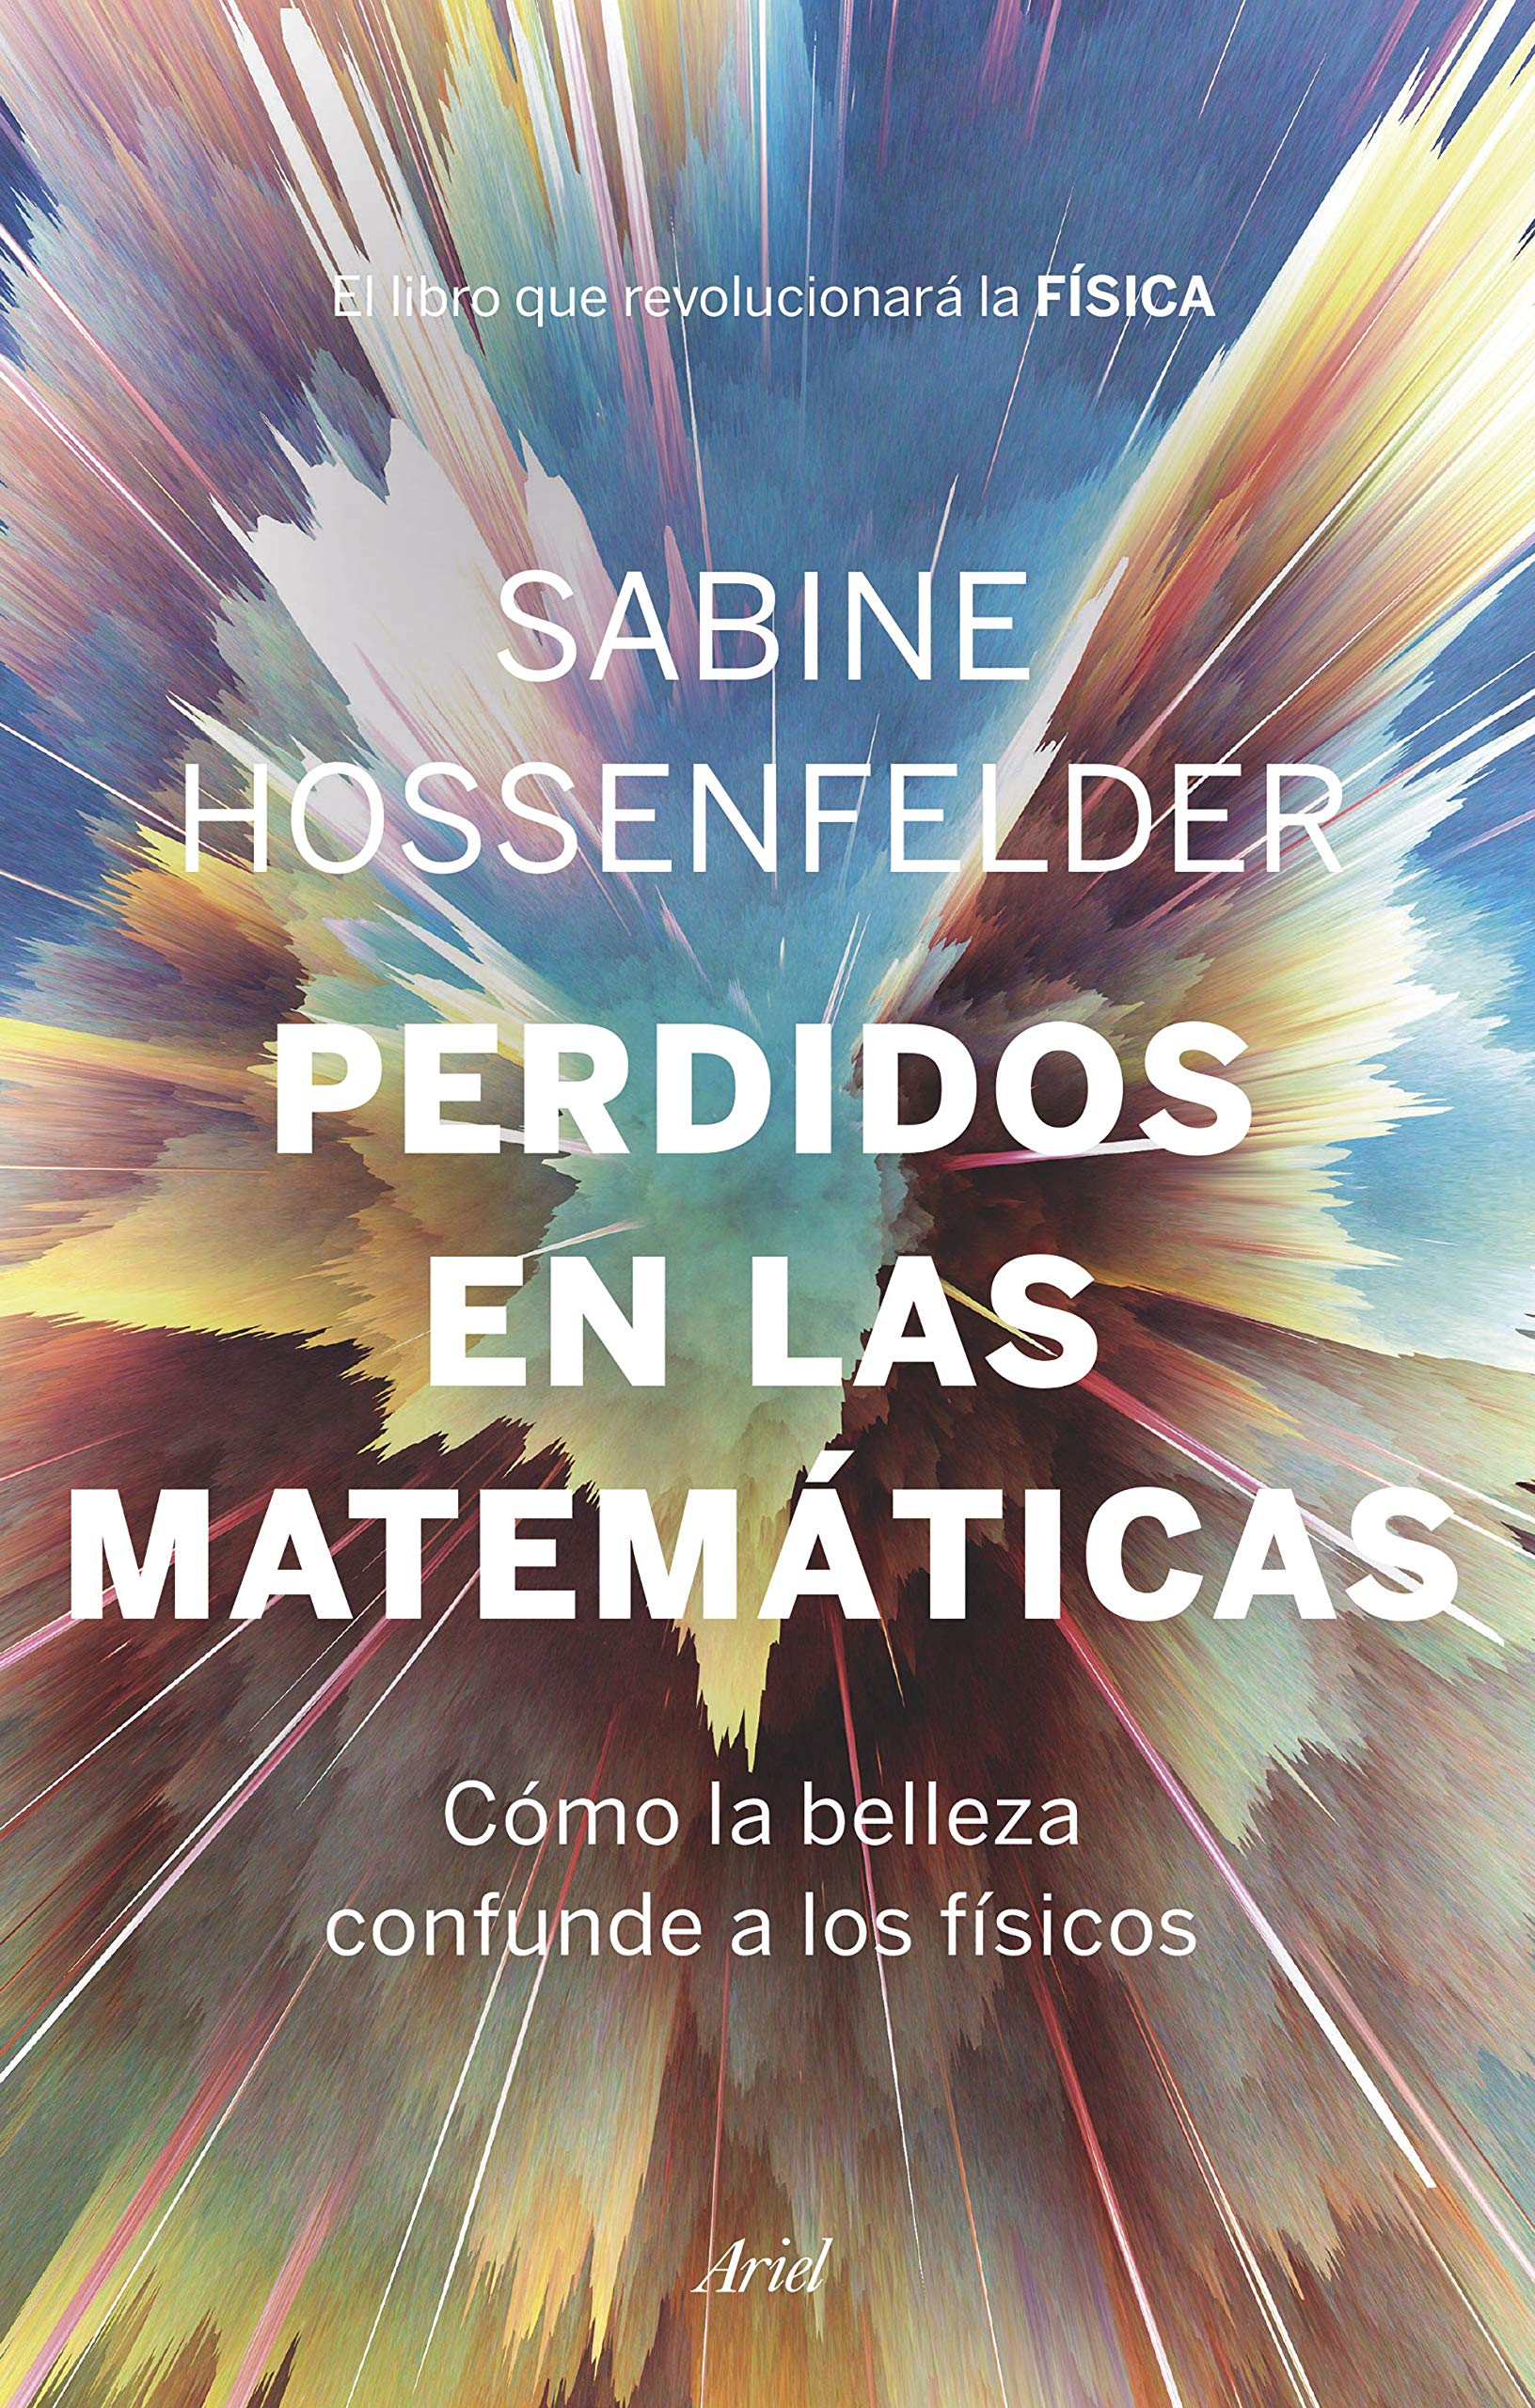 Perdidos en las matemáticas: Cómo la belleza confunde a los físicos (Ariel)